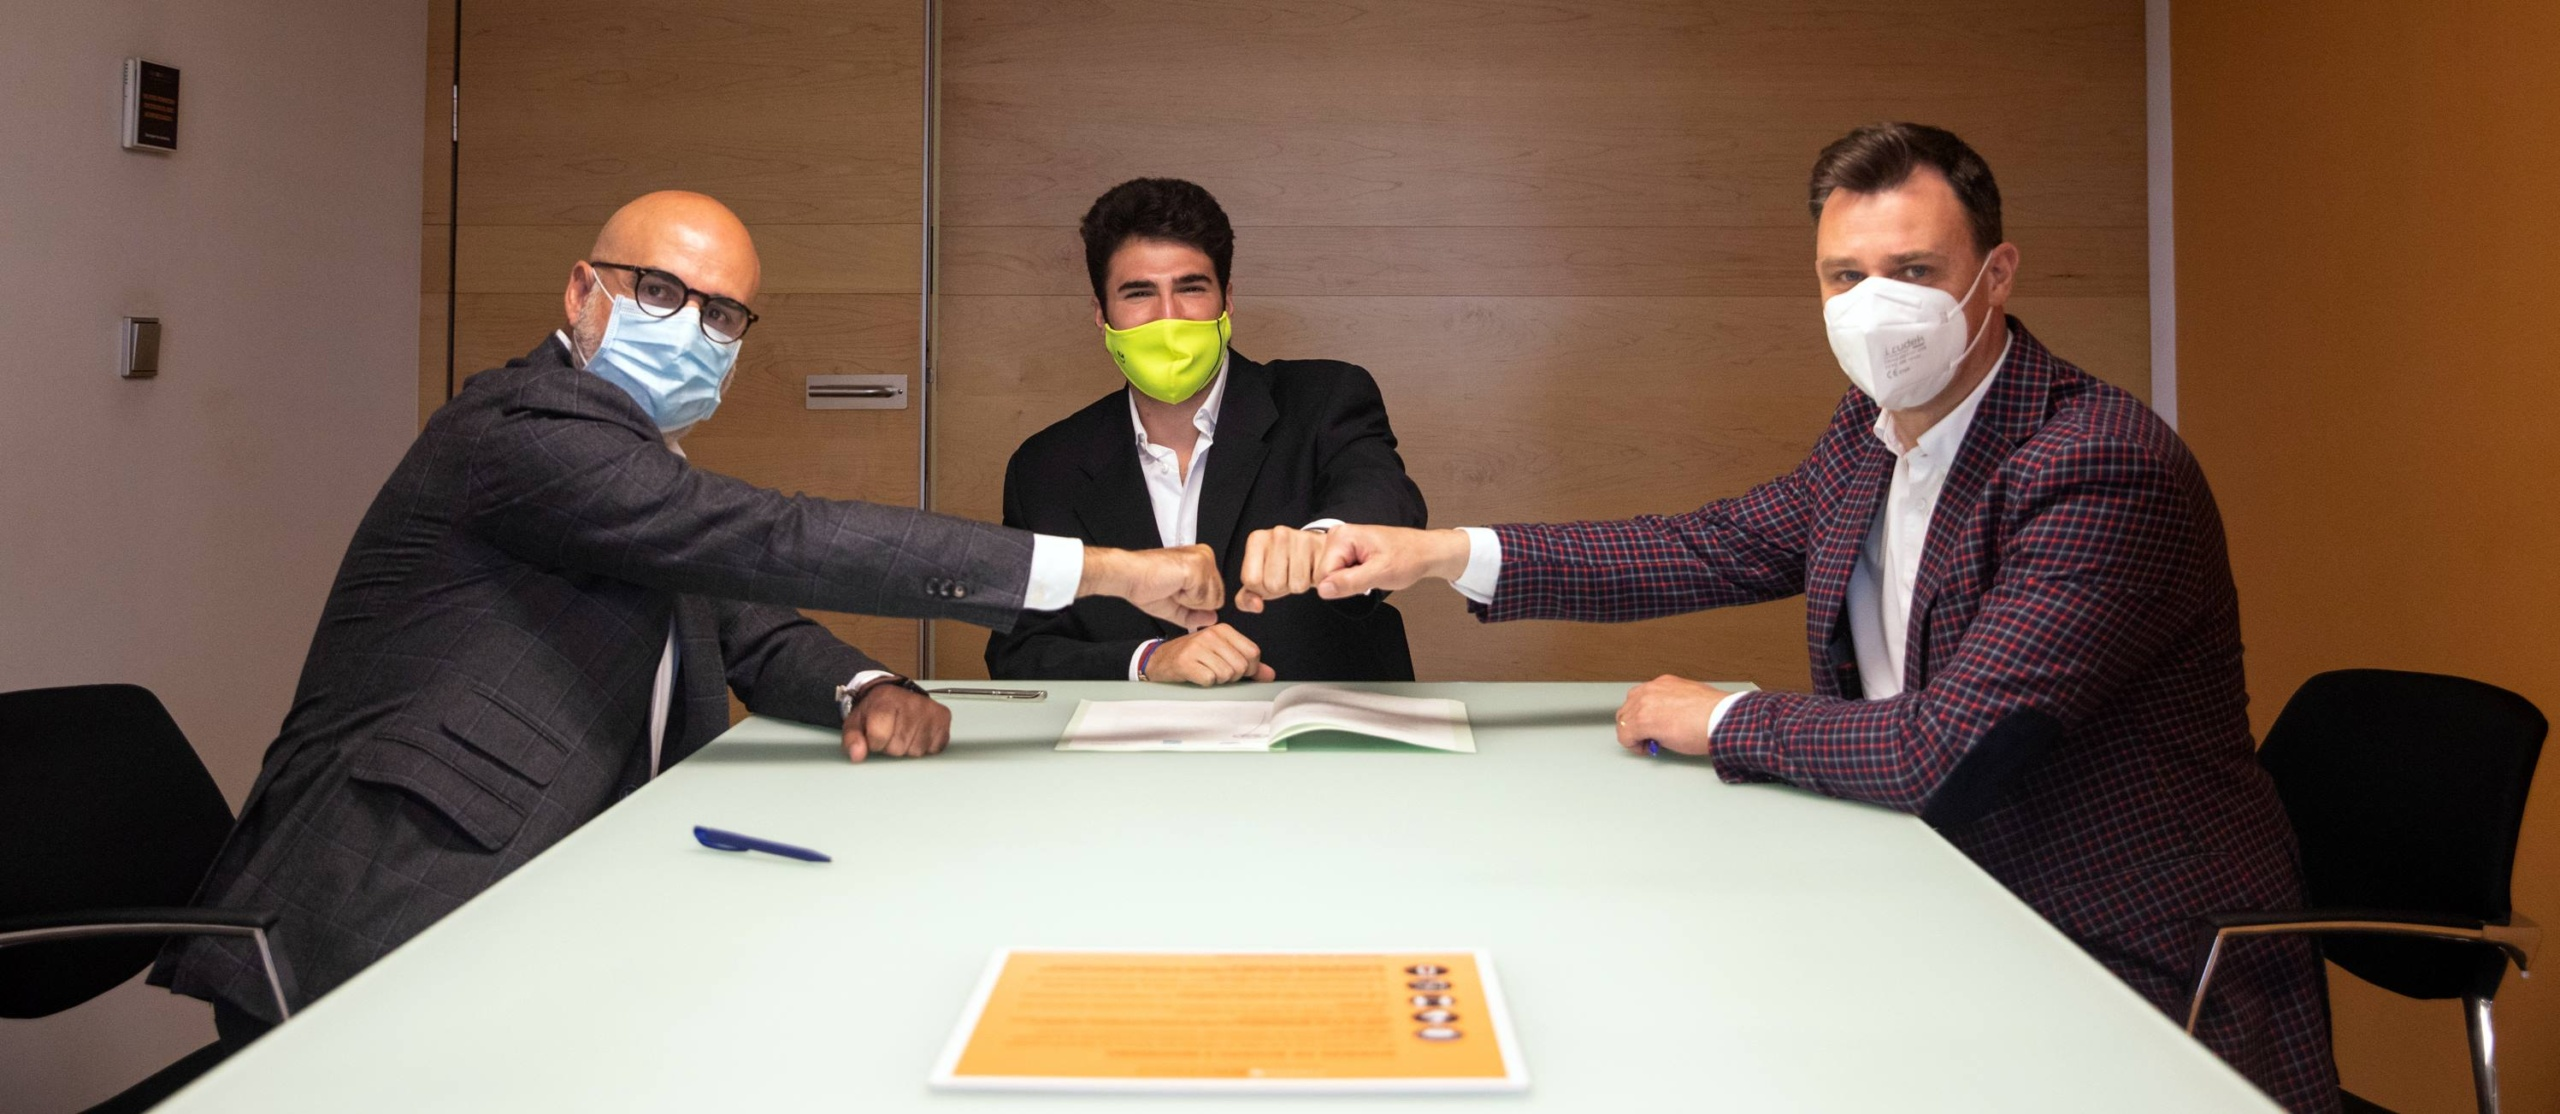 Los CEO's de Verne Technology Group y Grupoidex, Gianni Cecchin y Miguel Quintanilla, junto con el creador de L'Alicantina, Alexis Sanz, firmando la alianza.